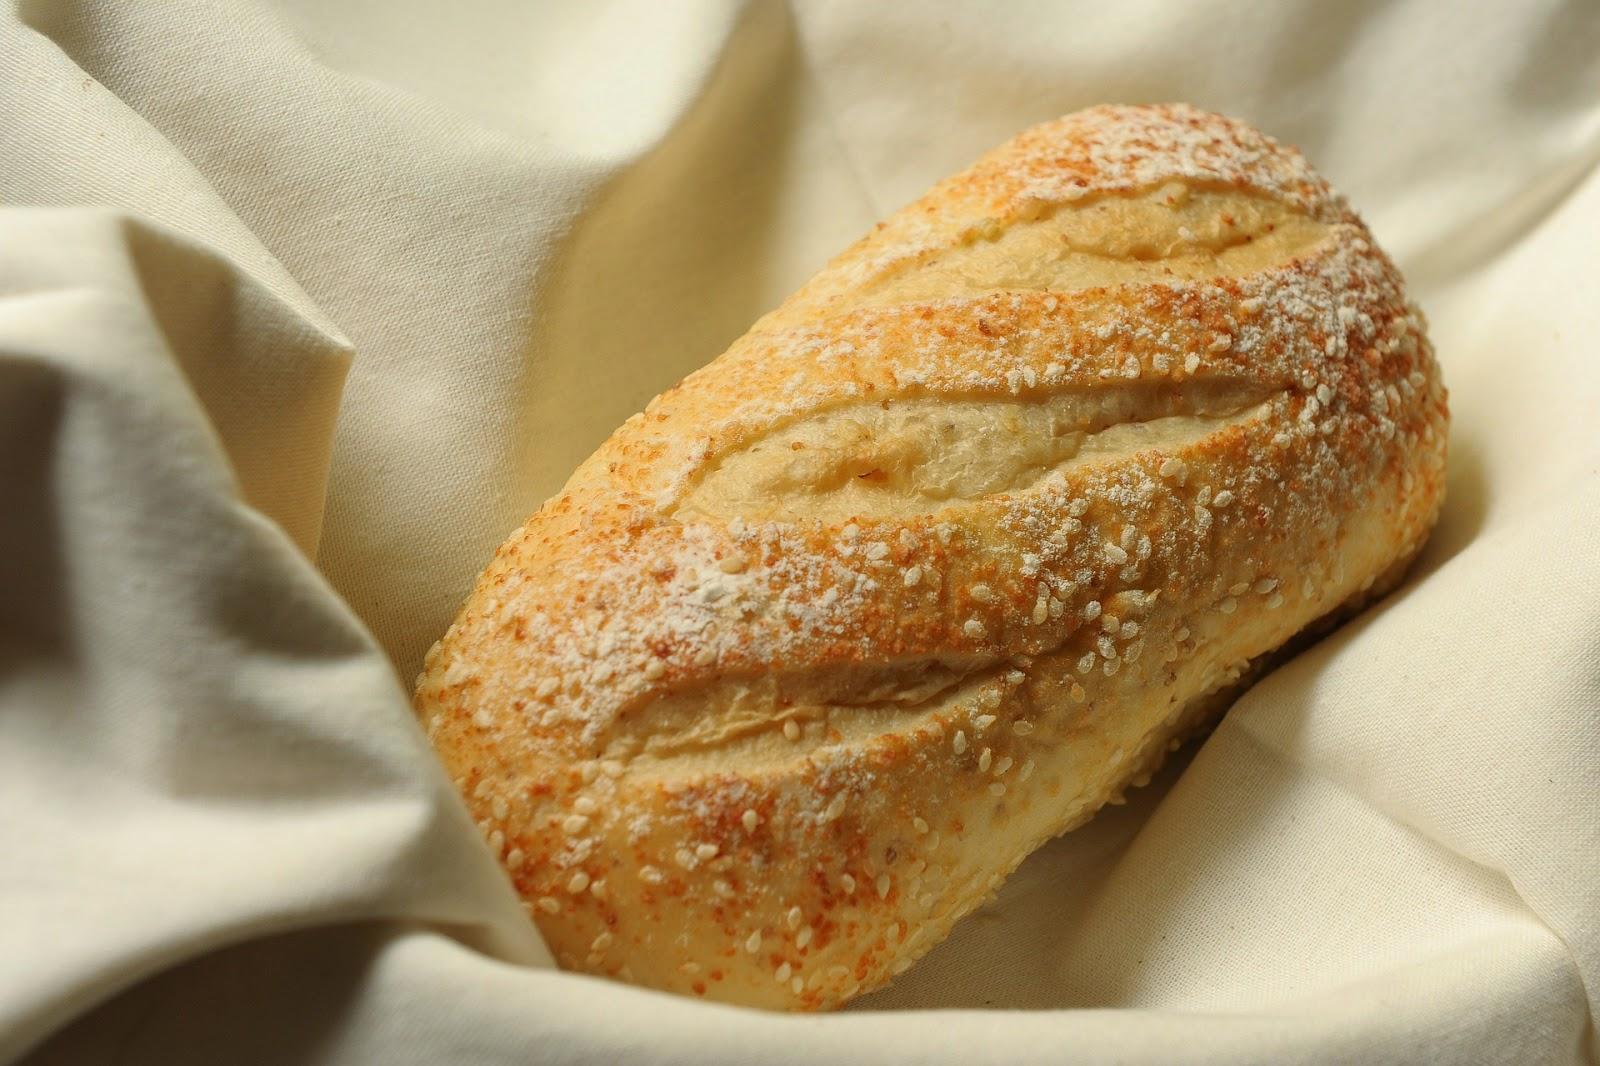 Πώς συντηρείτε το ψωμί στην κατάψυξη